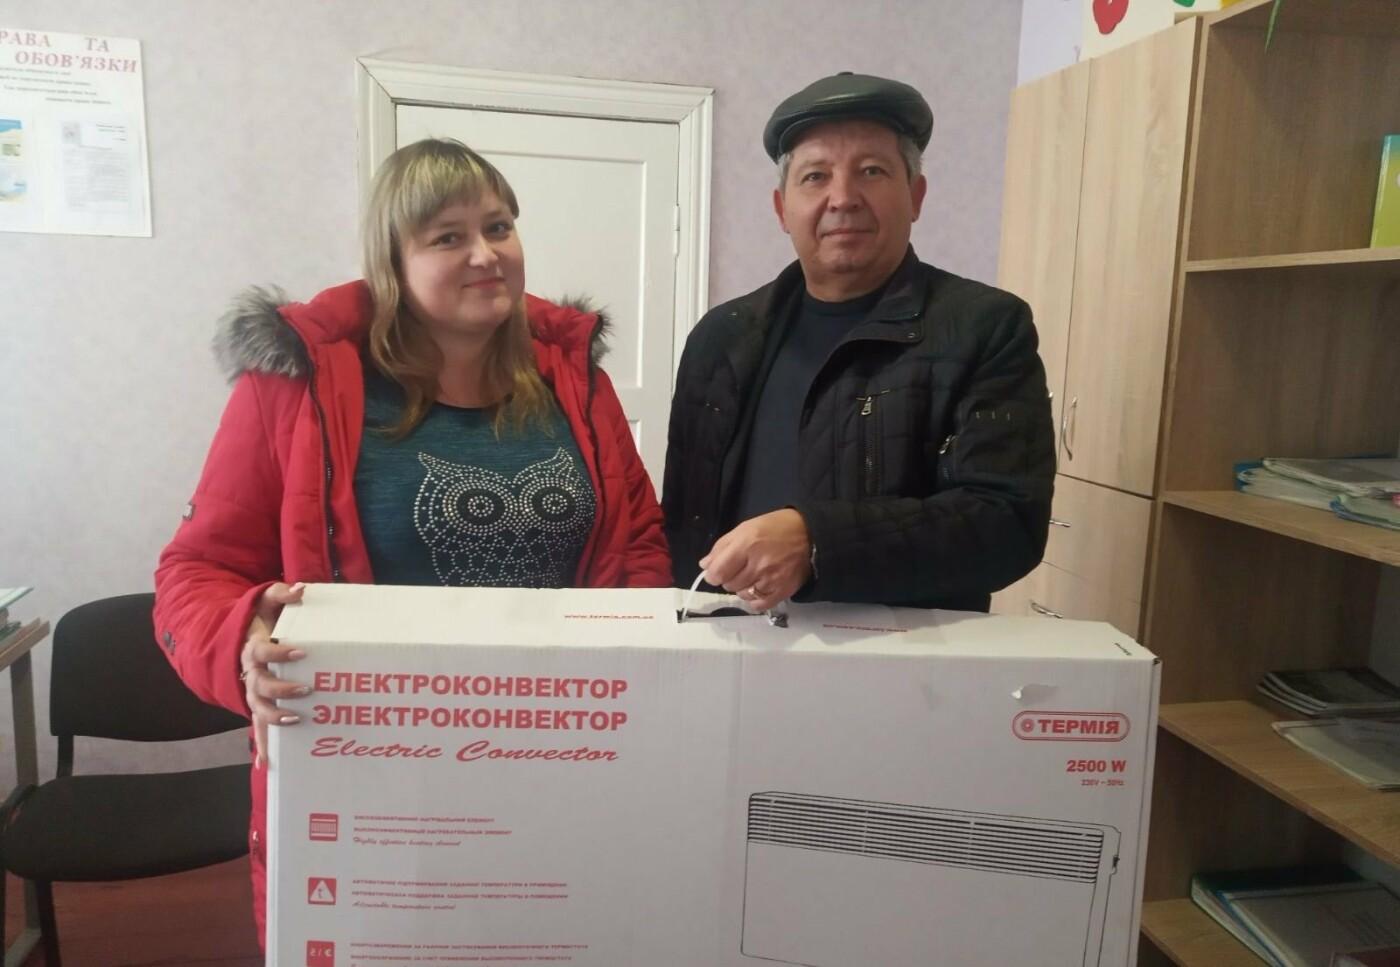 Двум важным объектам в Розовском районе передали конвертеры благодаря Александру Пономареву, фото-1